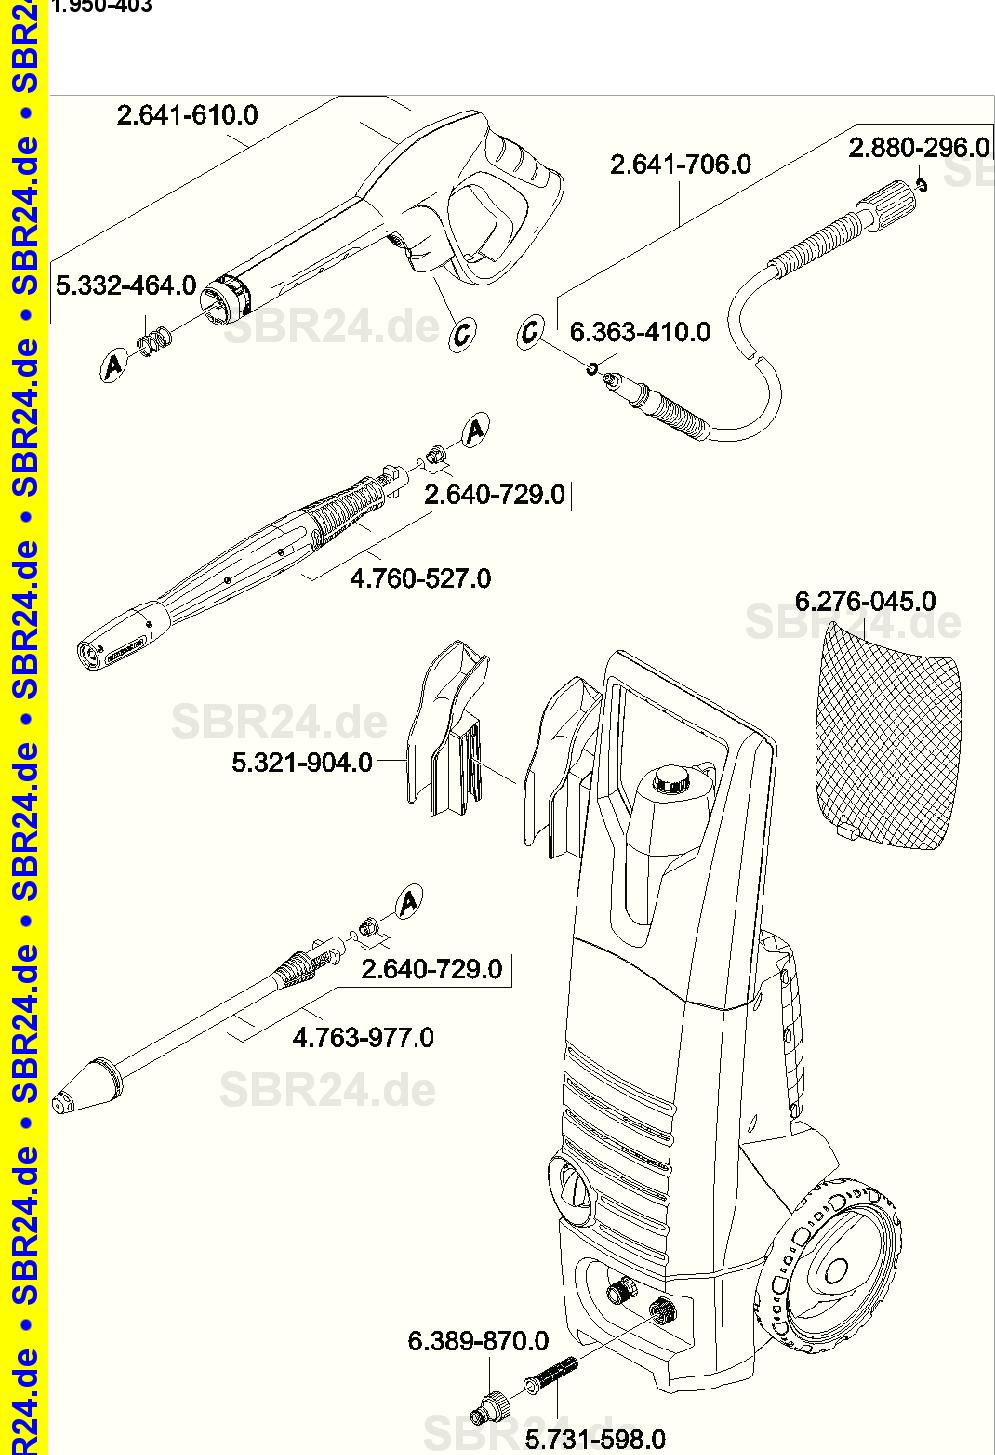 k rcher ersatzteile k md plus t300 eu. Black Bedroom Furniture Sets. Home Design Ideas